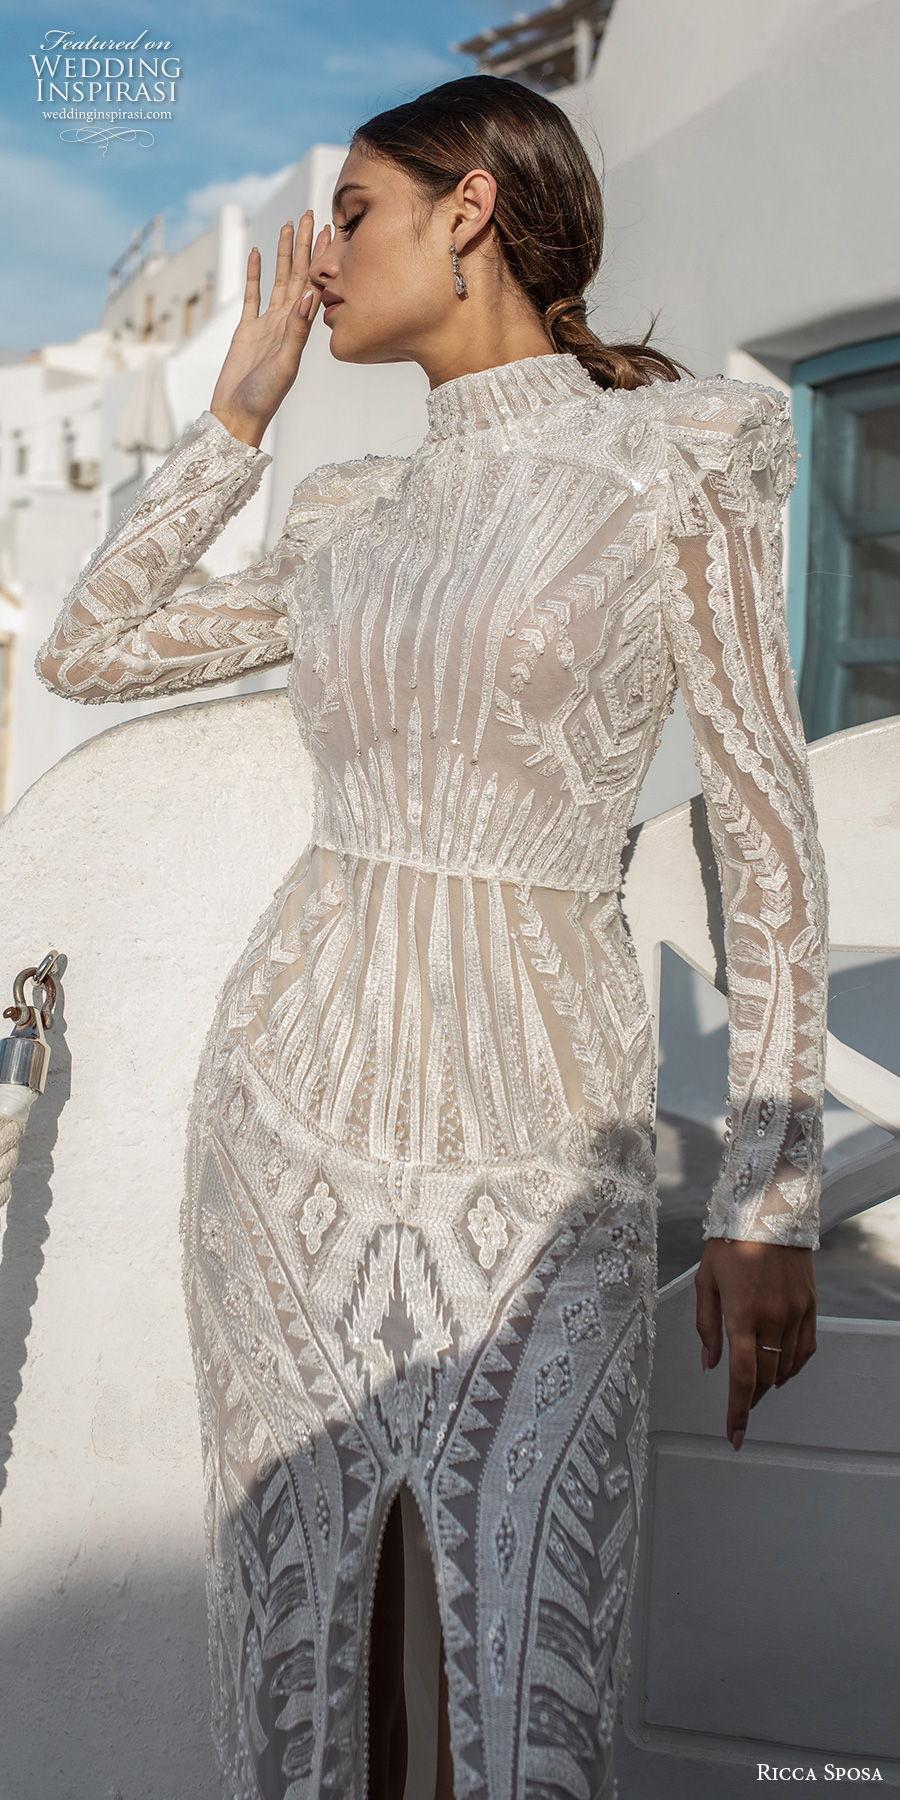 ricca sposa 2021 bridal long sleeves high neck full embellishment slit skirt elegant glamorous sheath wedding dress covered back sweep train (13) zv